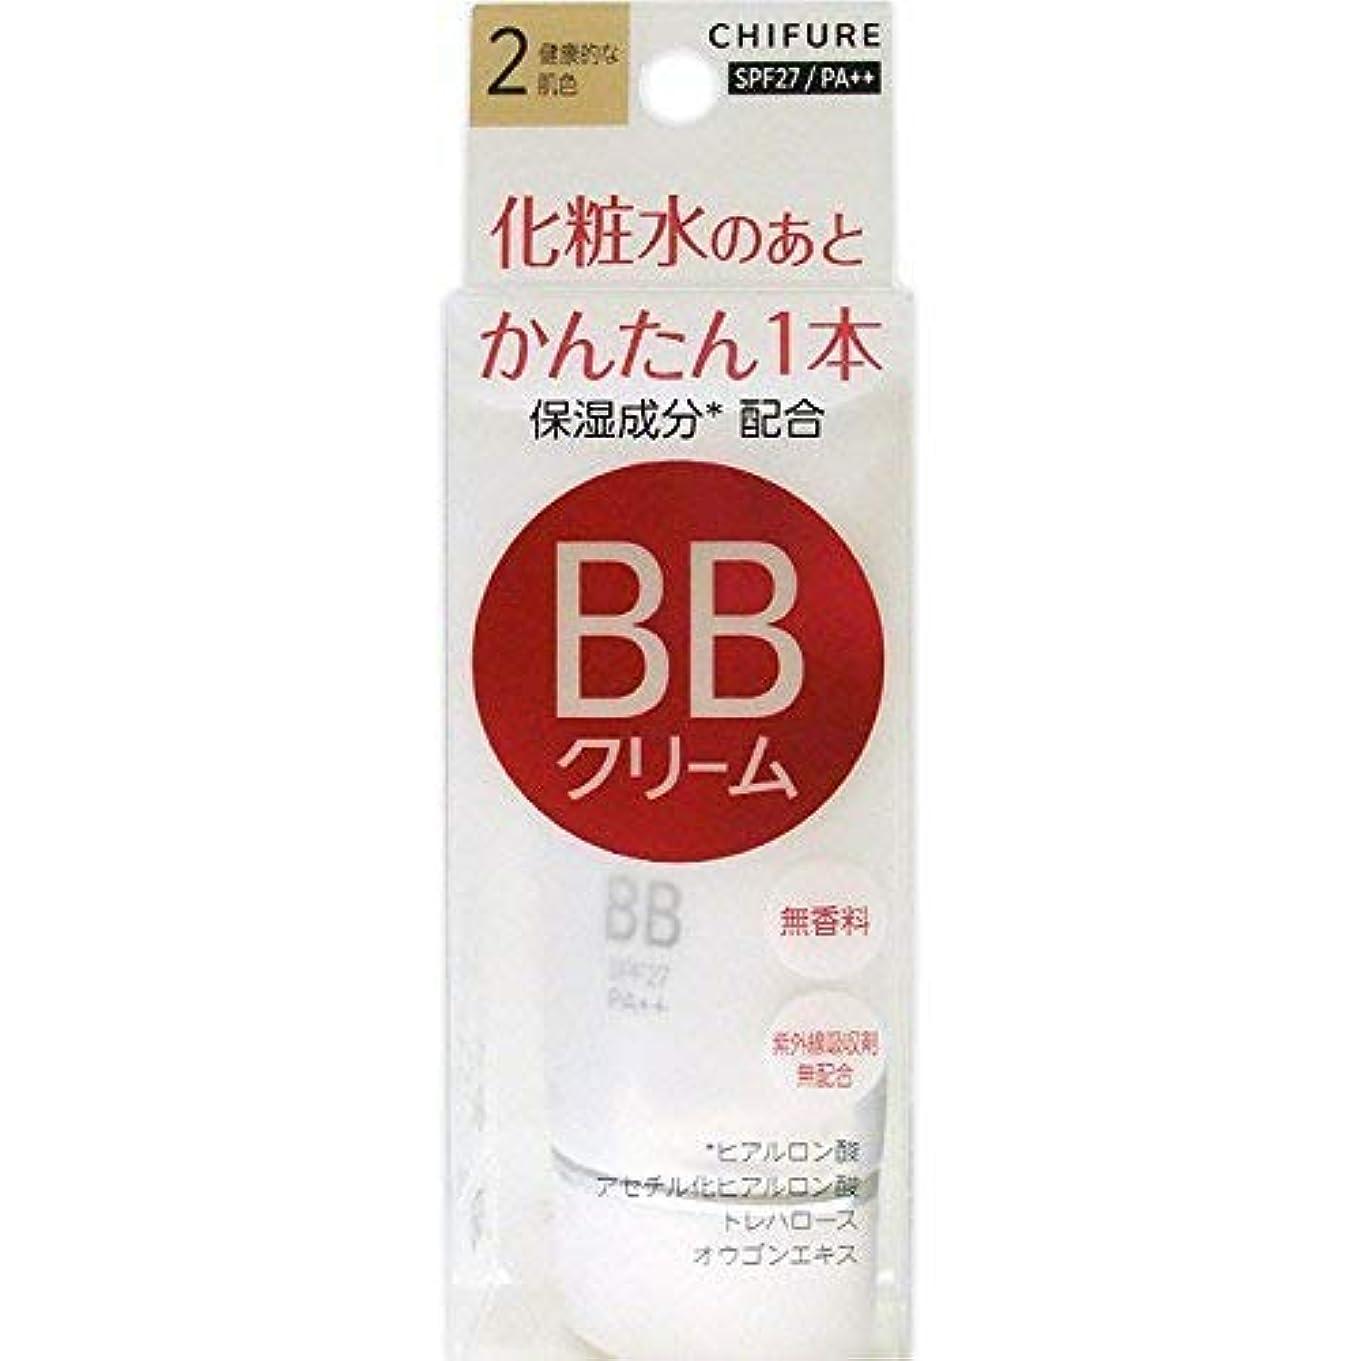 編集するしみ教養があるちふれ化粧品 BB クリーム 2 健康的な肌色 BBクリーム 2